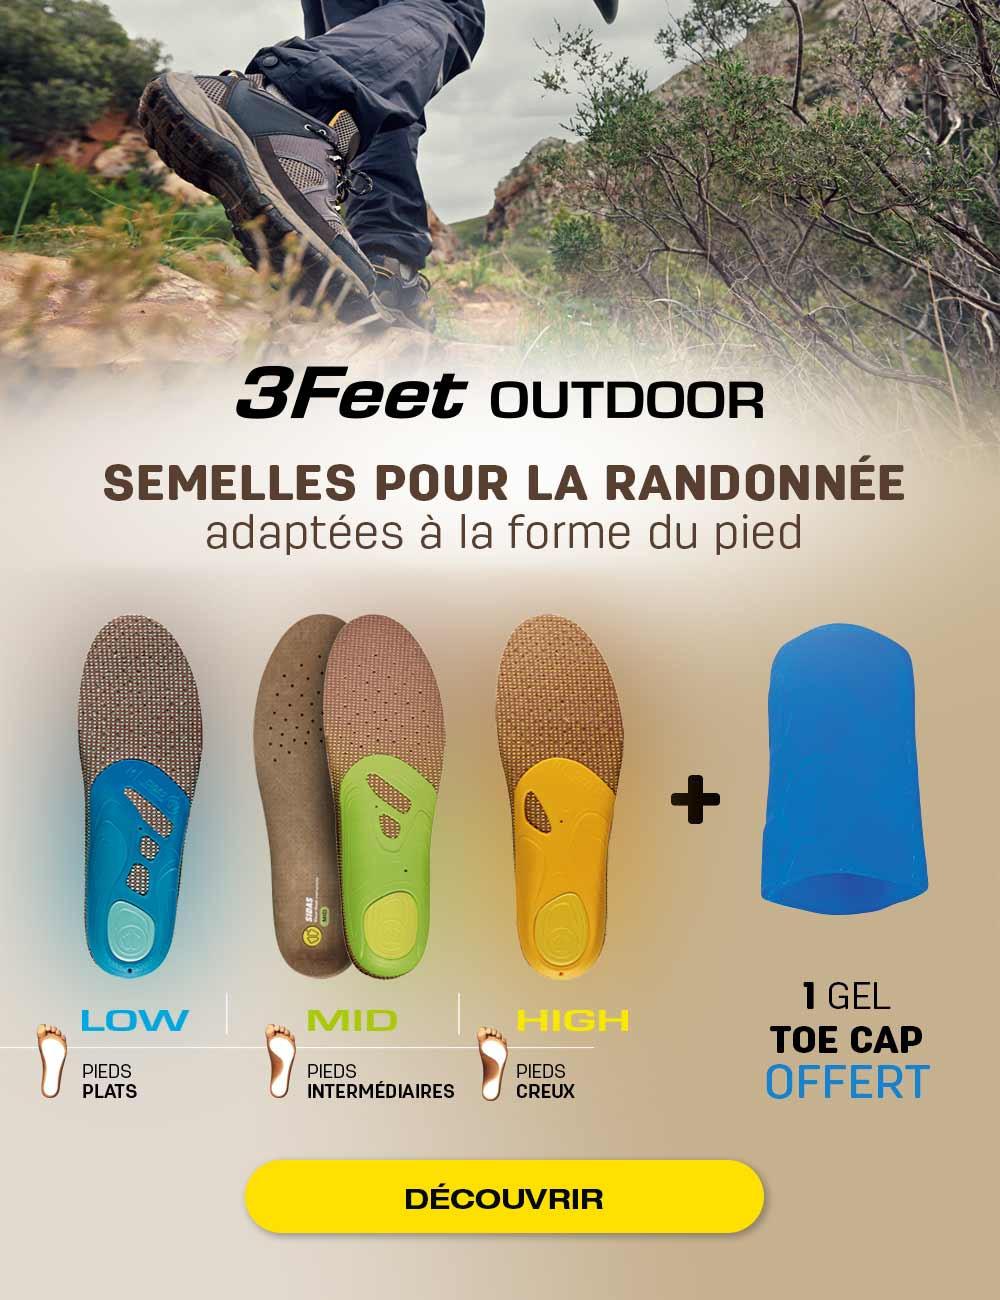 Découvrez nos semelles 3Feet Outdoor! Recevez gratuitement votre Gel Toe Cap pour l'achat d'une paire.